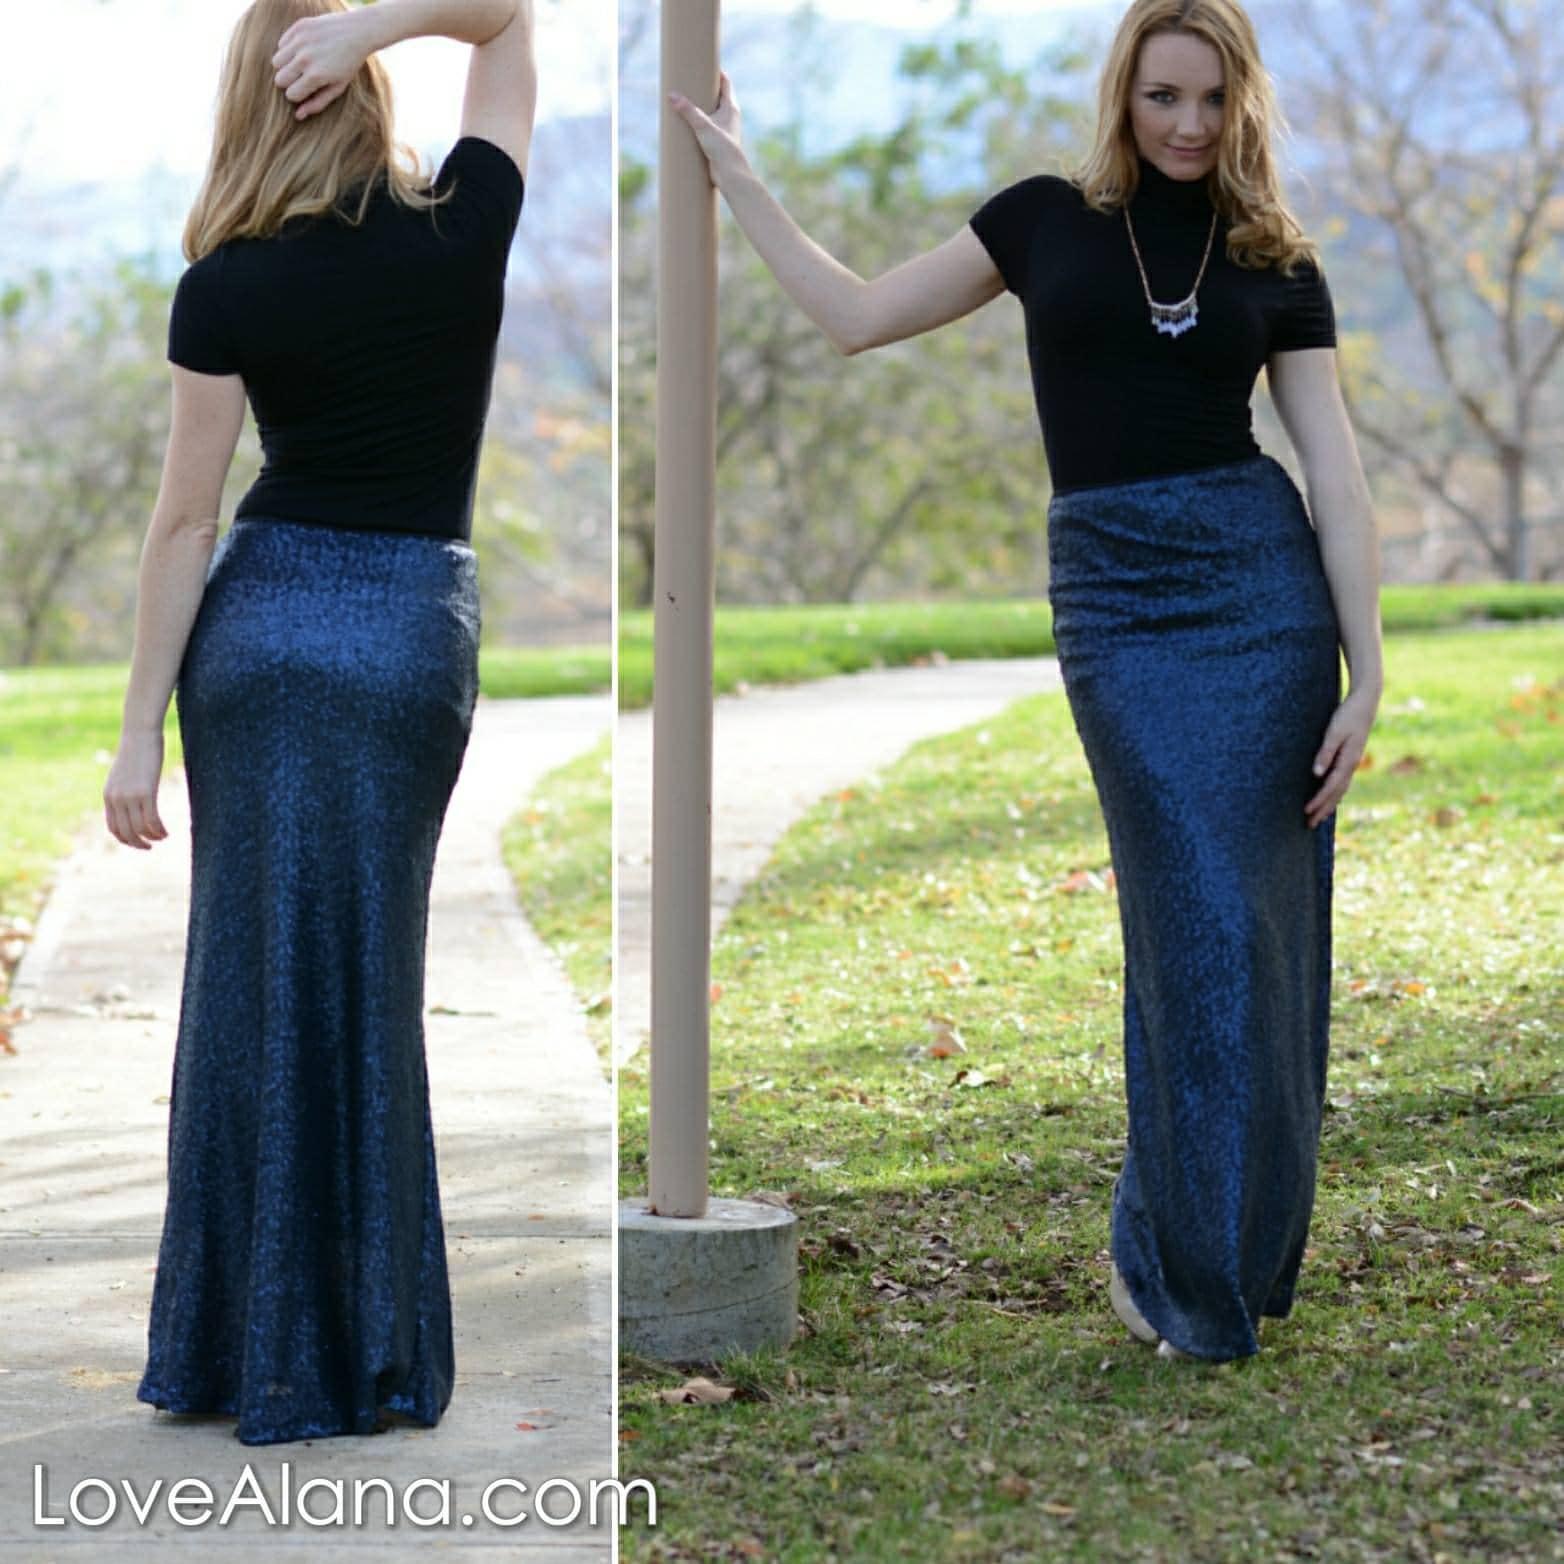 e5067de05 20% OFF - Spring Sale! Navy Maxi Sequin Skirt - Gorgeous high ...